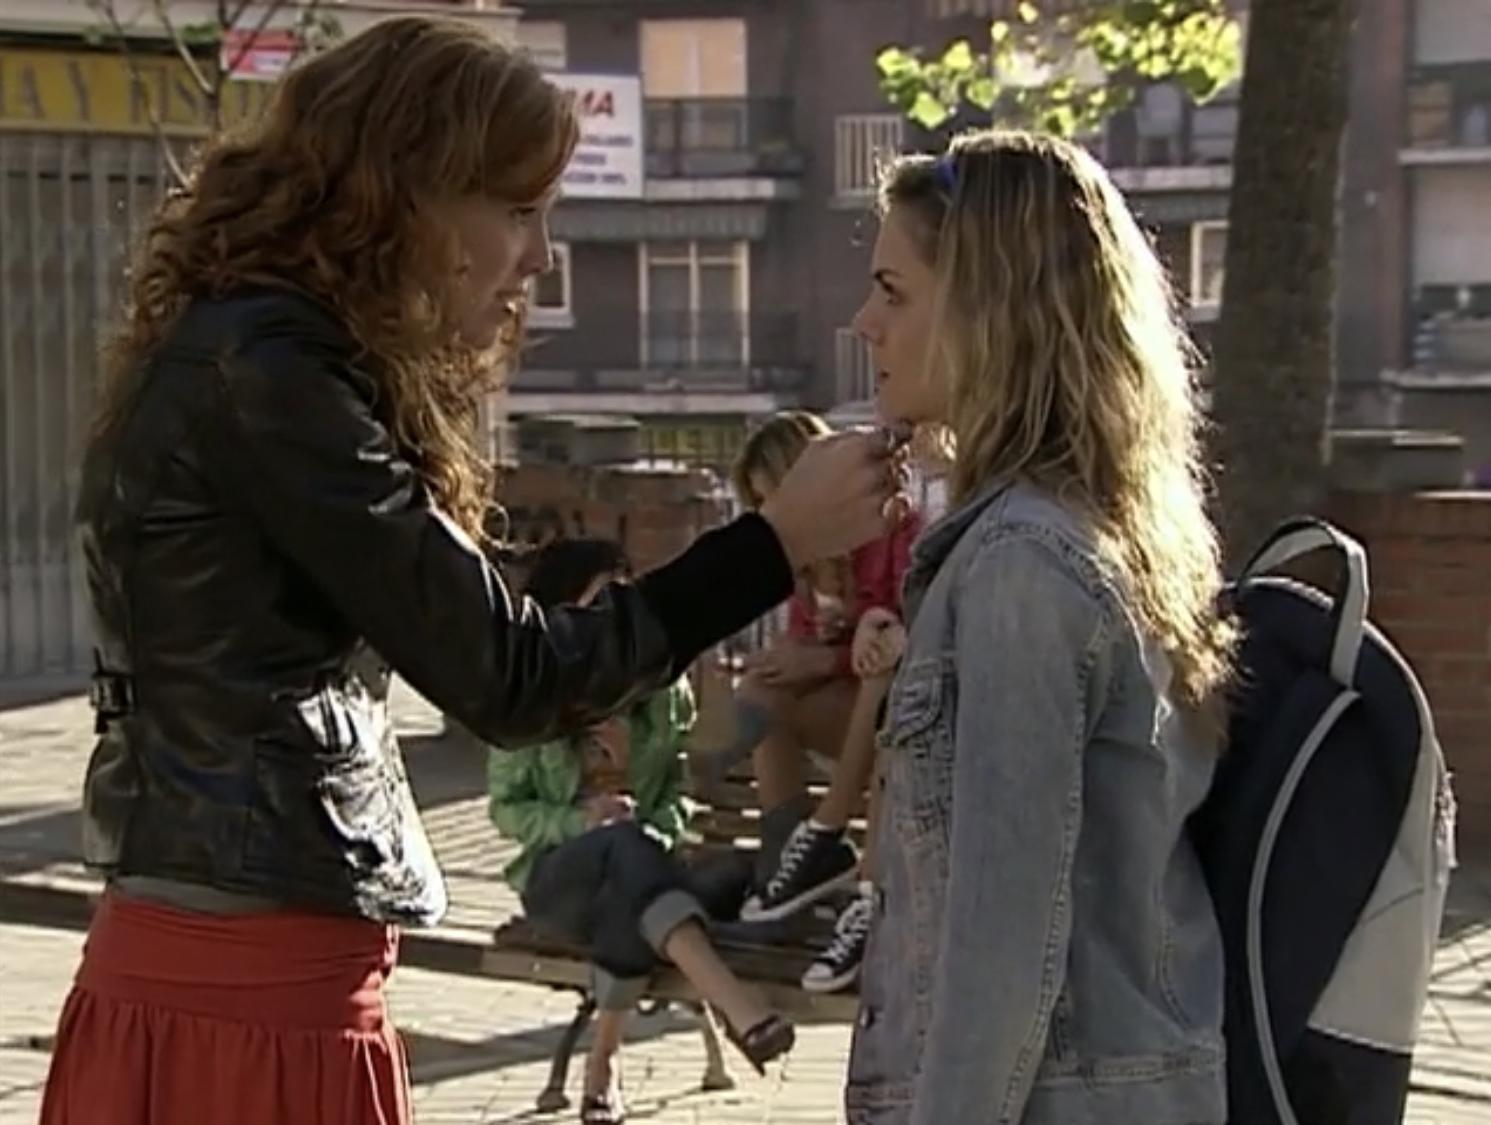 María Castro and Amaia Salamanca in Sin tetas no hay paraíso (2008)